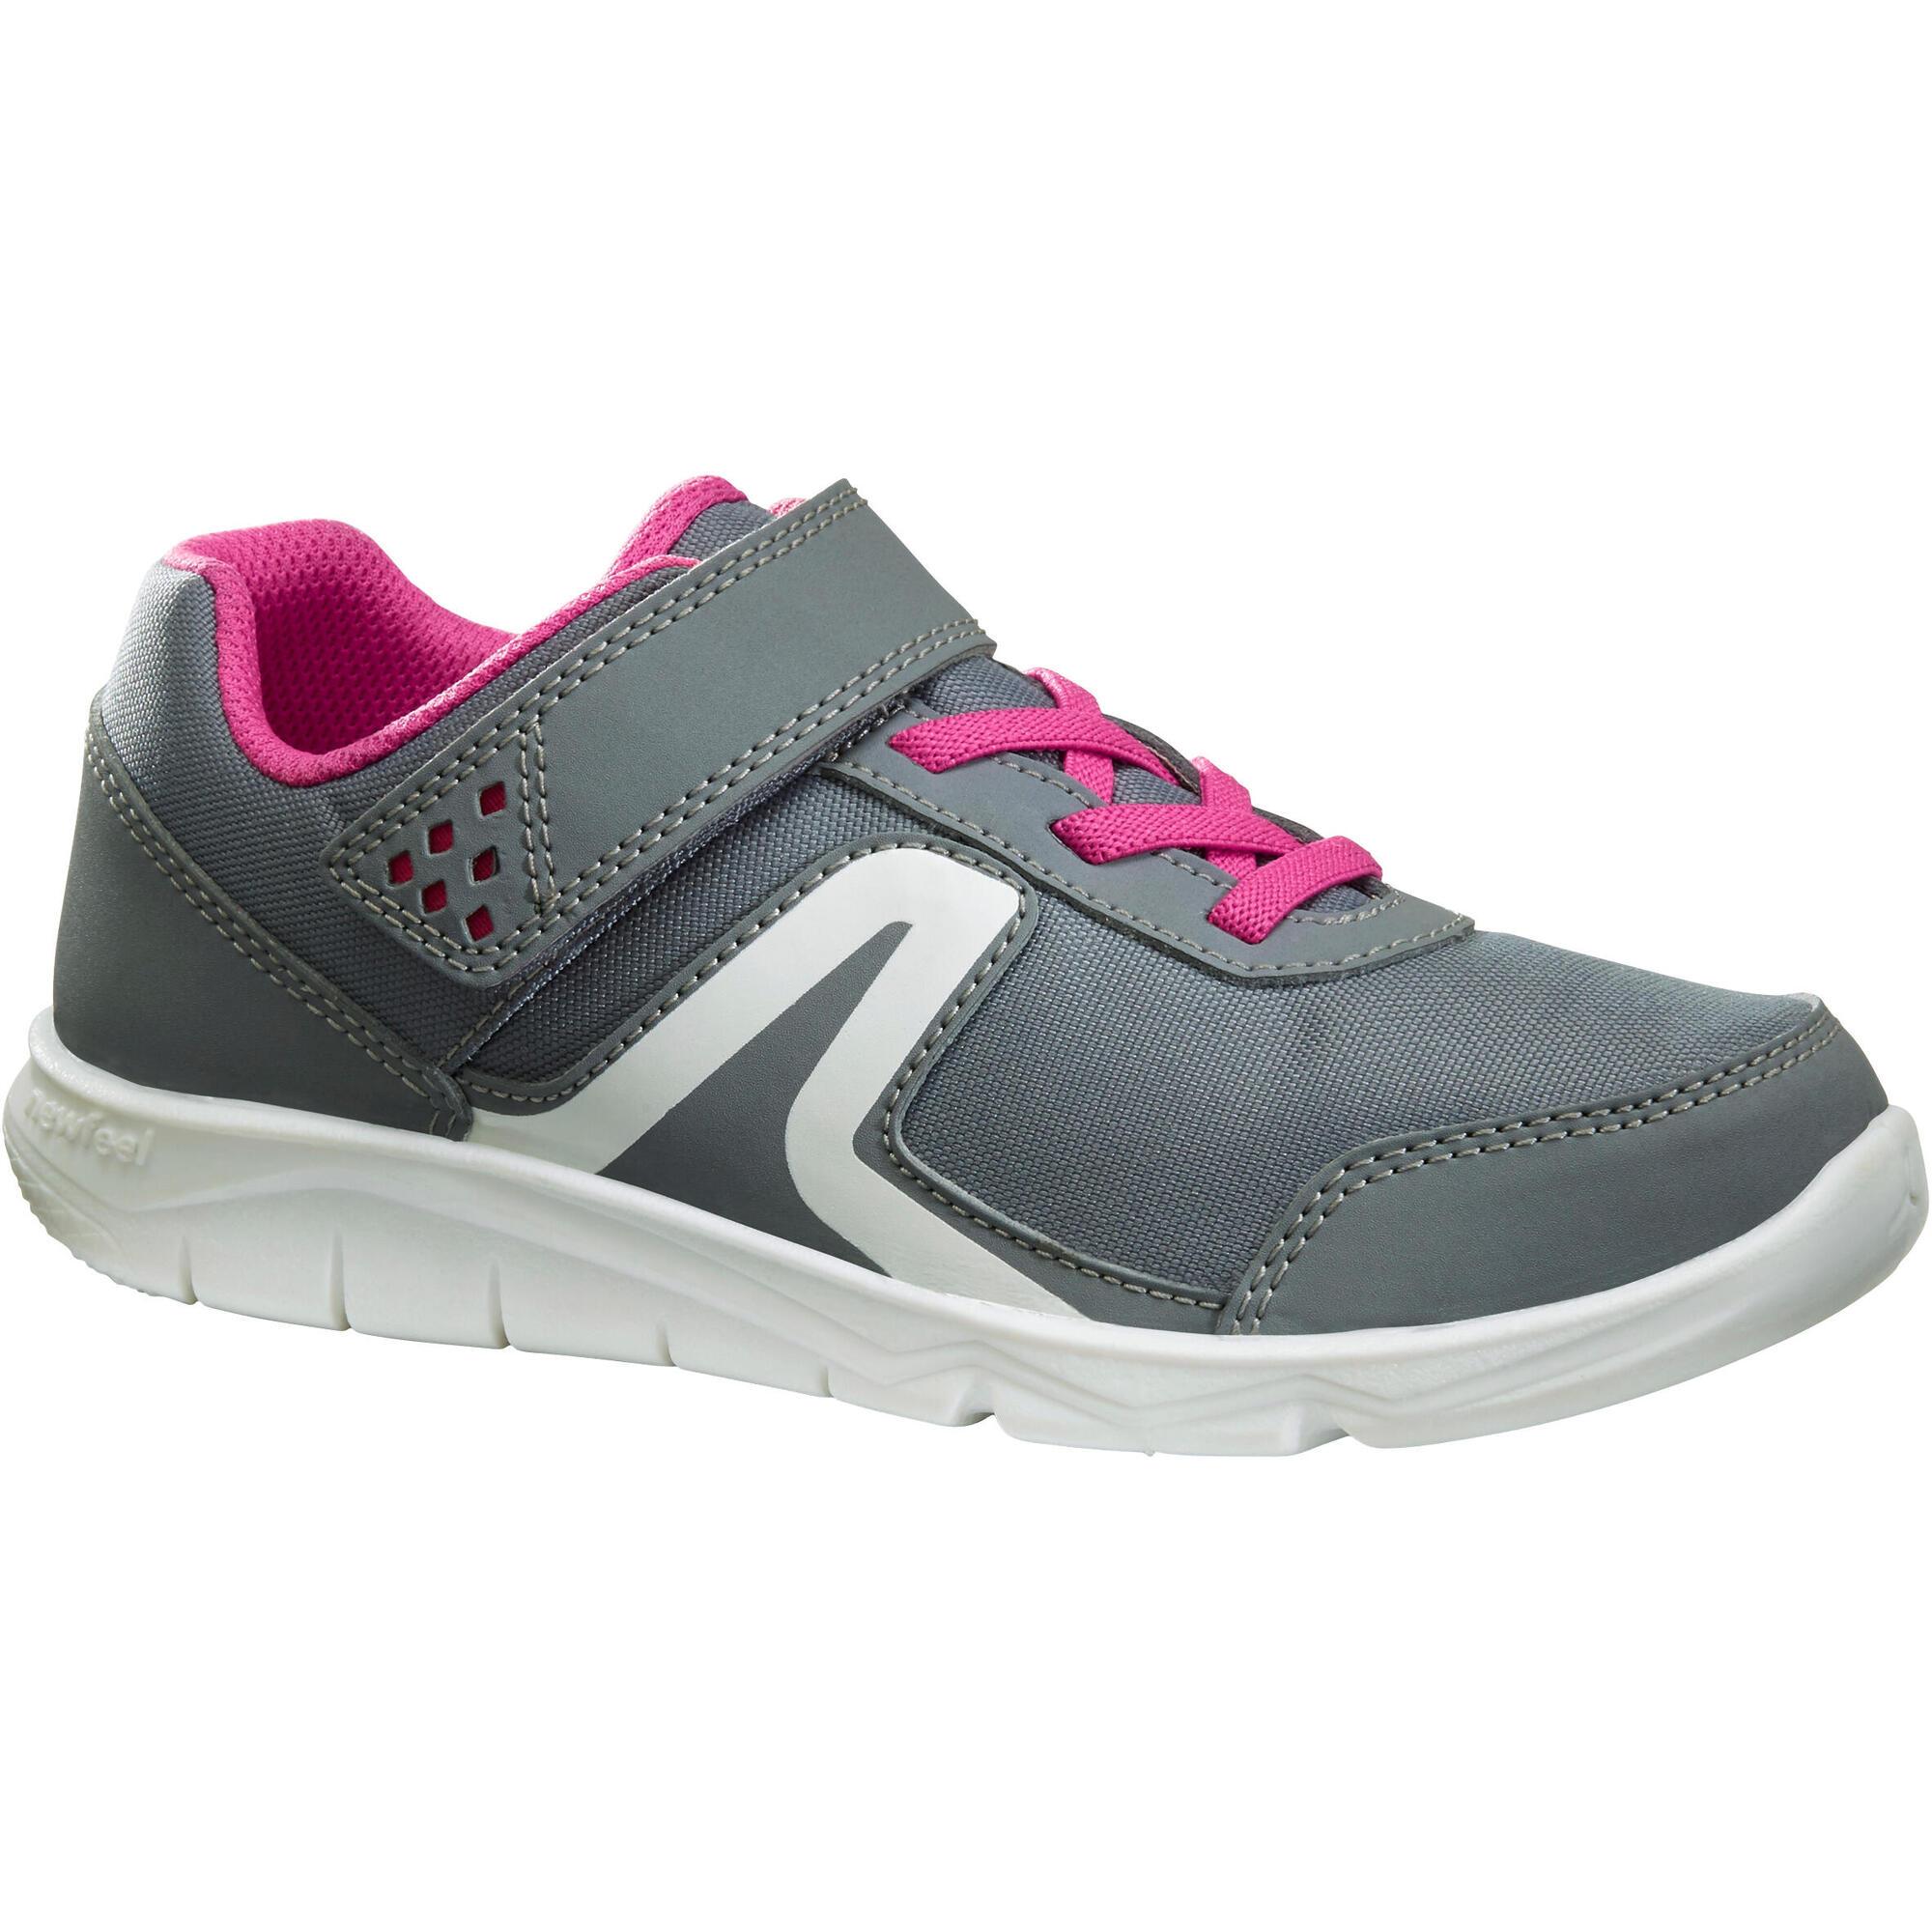 Chaussures marche sportive enfant pw 100 gris rose newfeel - Chaussure enfant decathlon ...